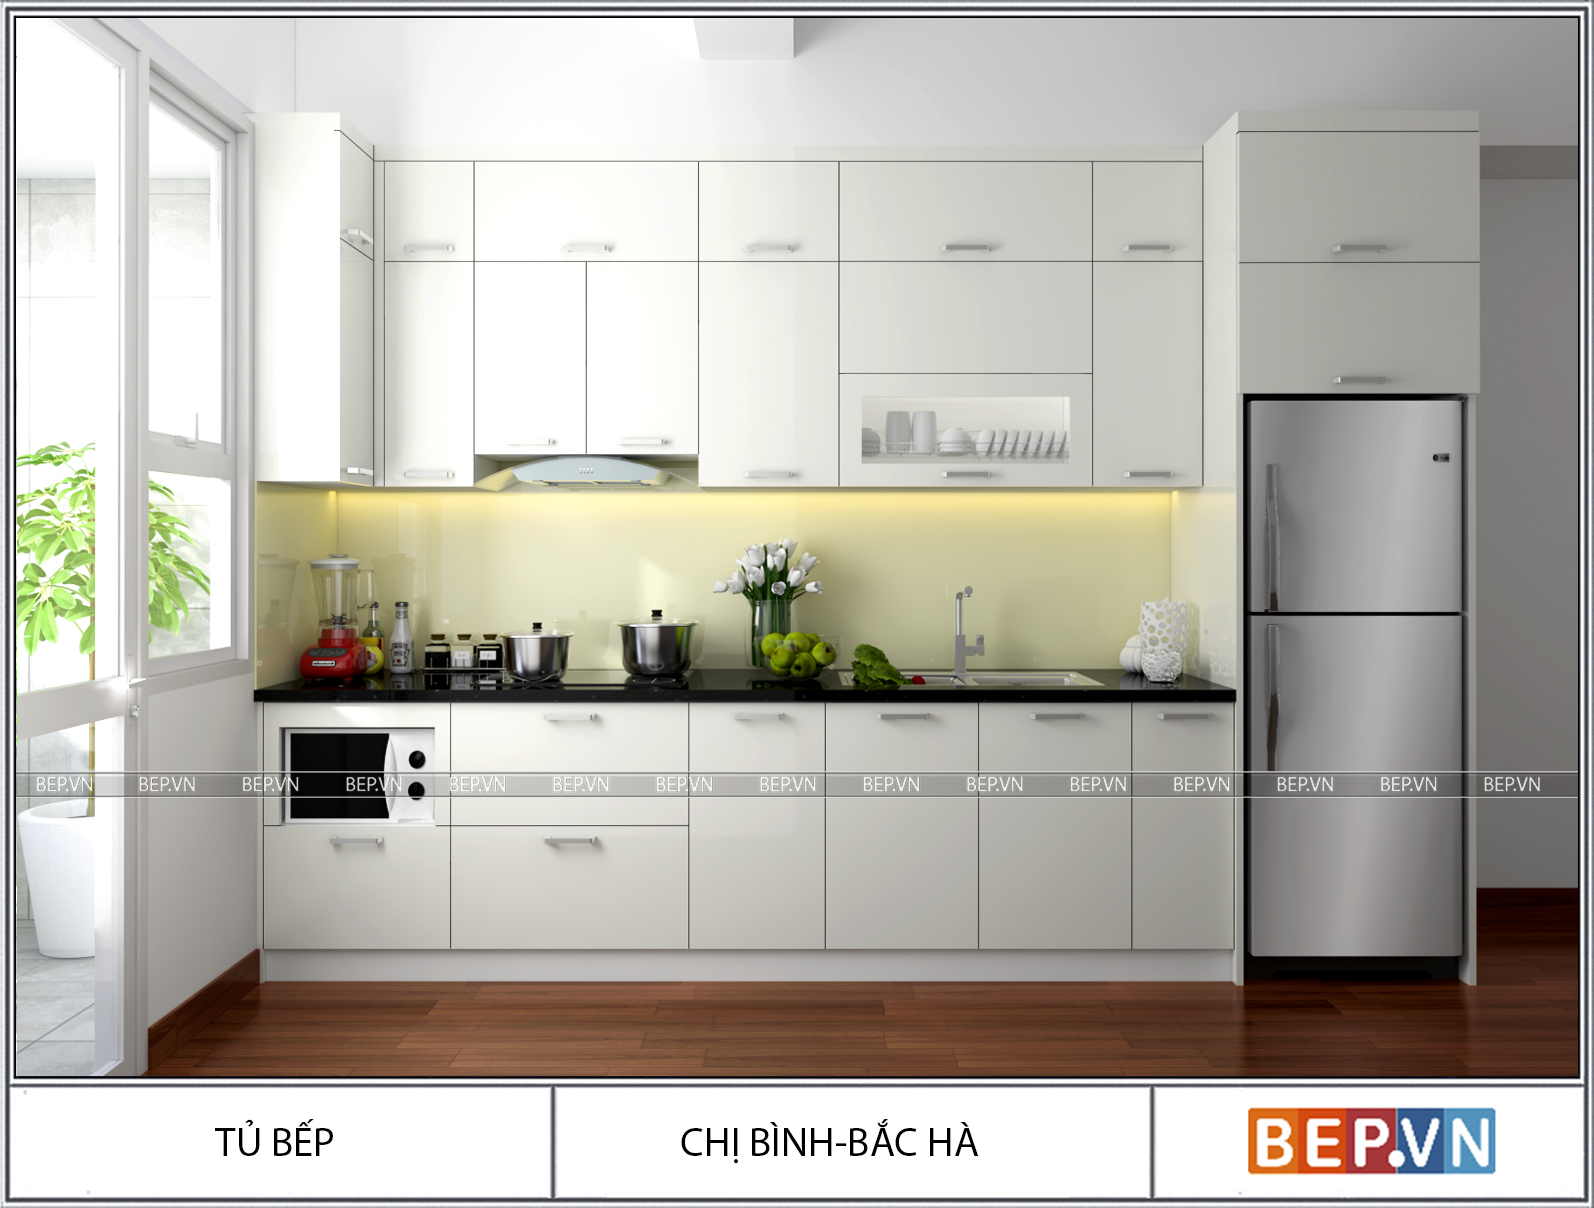 Màu sắc nhà bếp phổ biến hợp phong thủy.